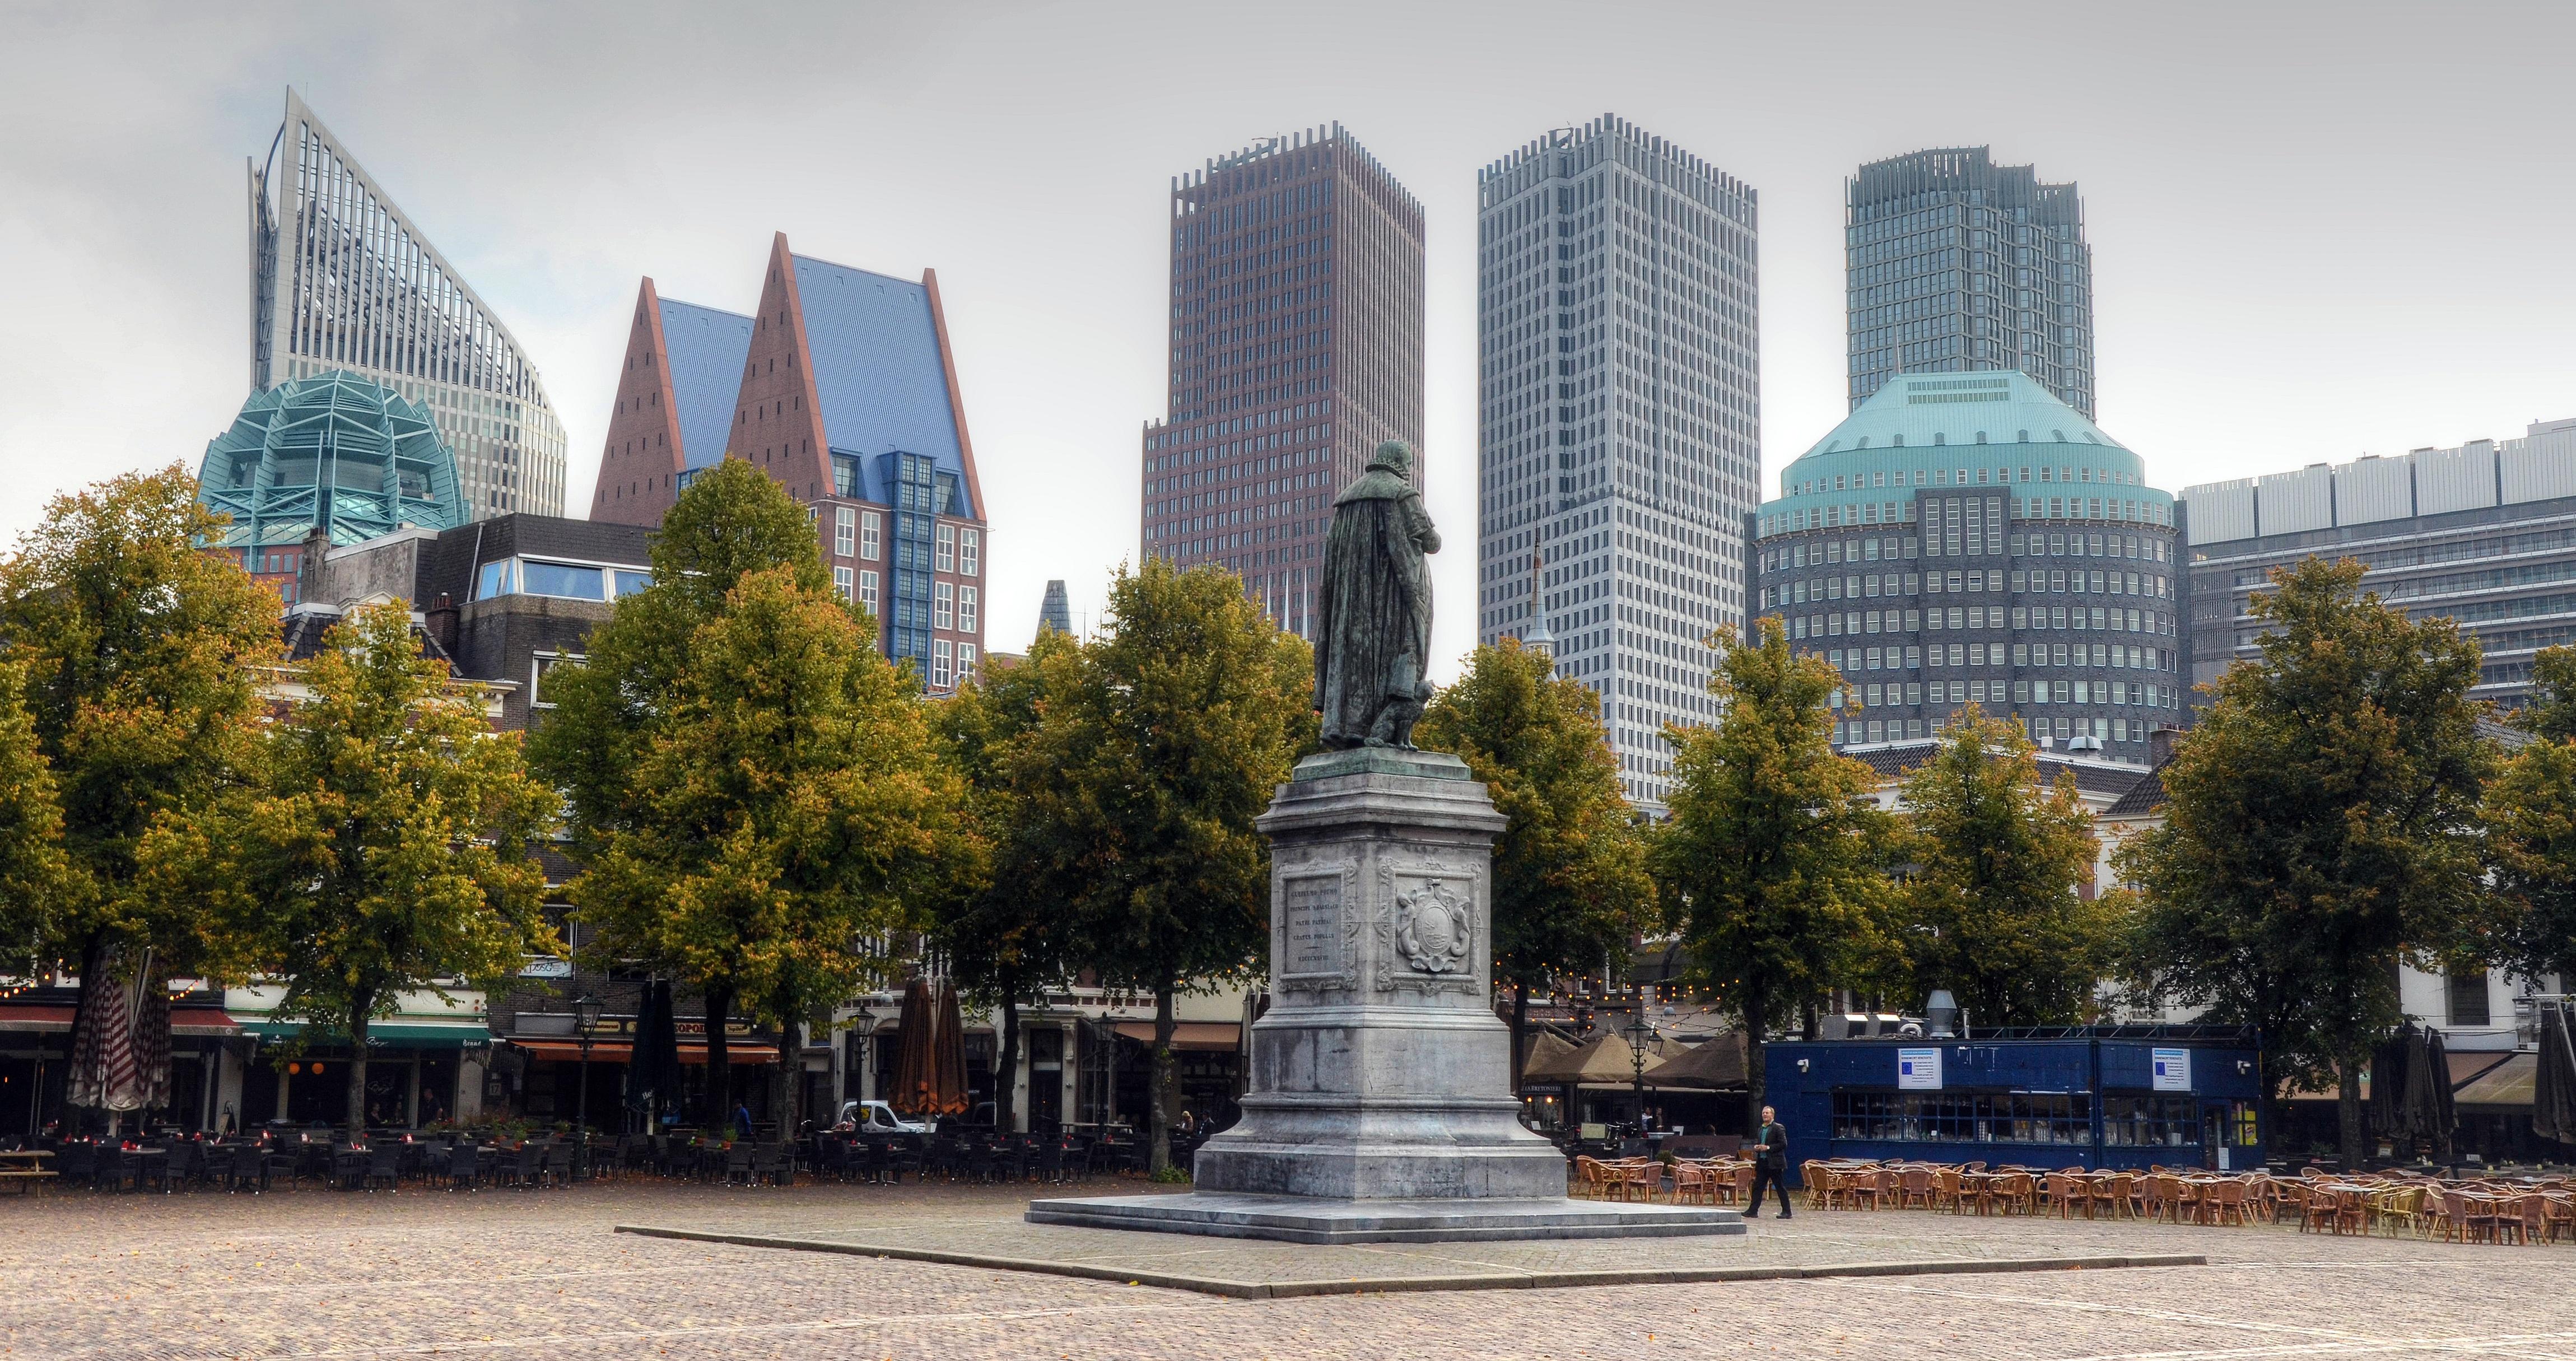 wwwamsterdam-toursru александр +31 626 792 990, электронная почта: xxxgid@gmailcom гаага